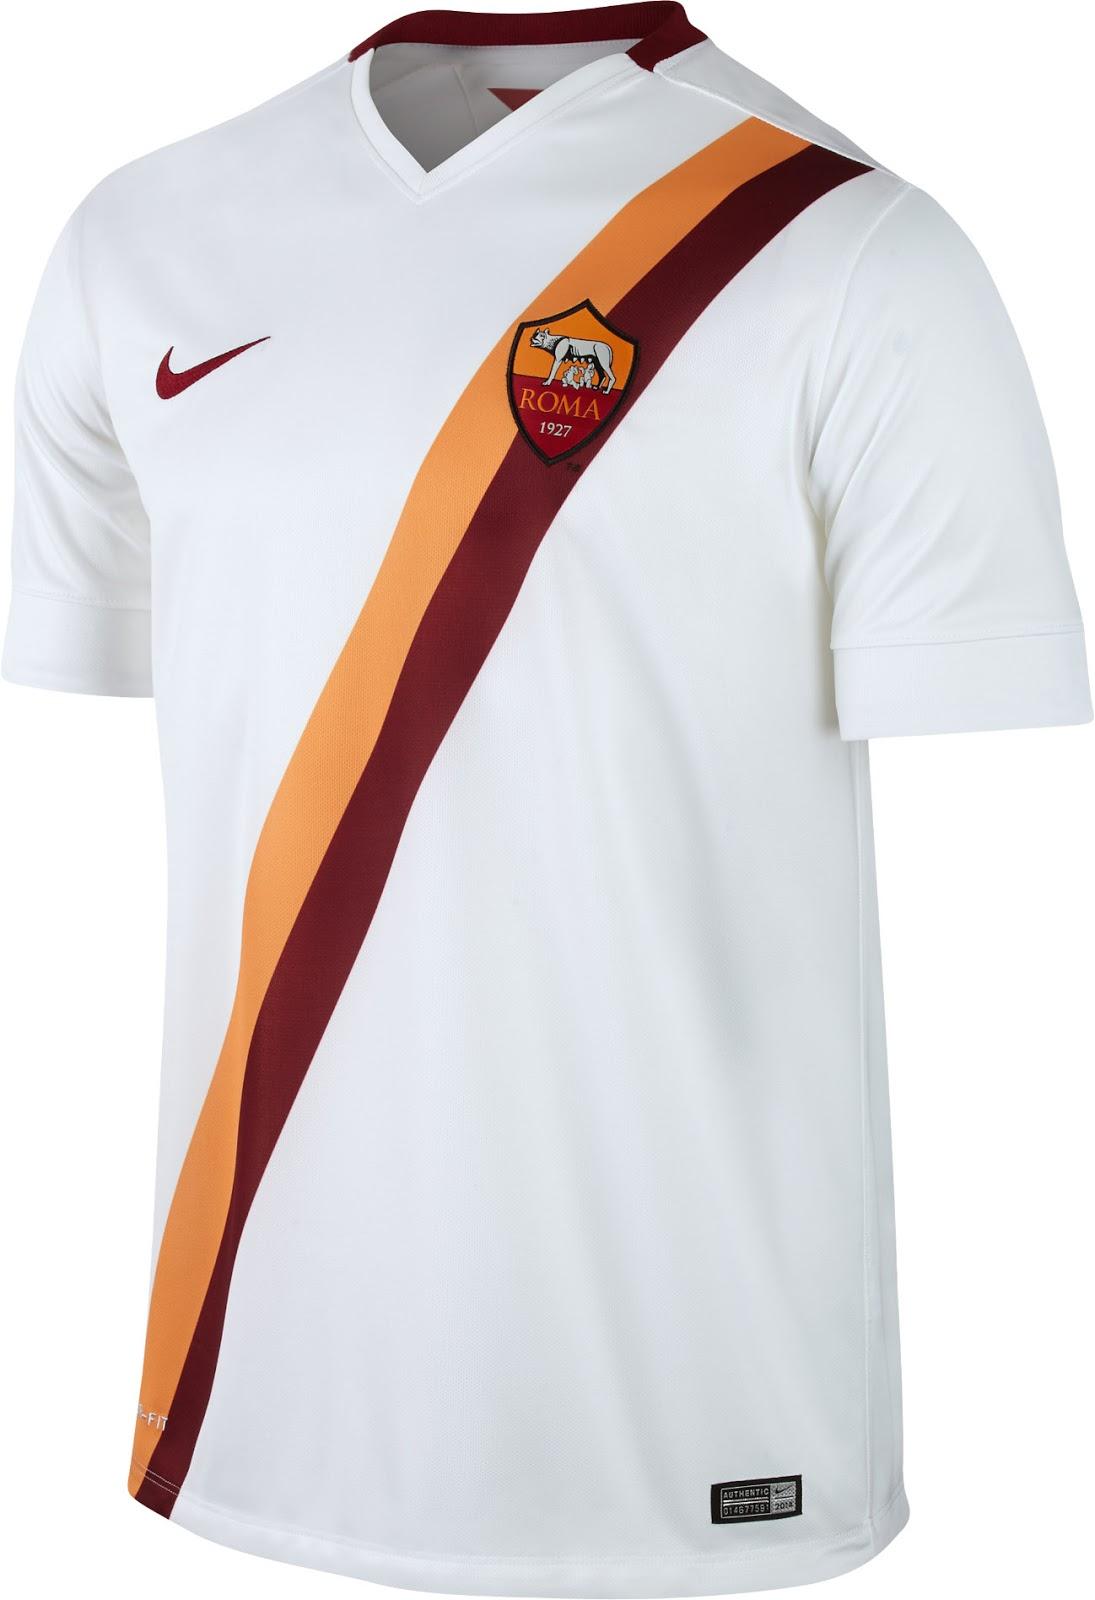 Nike AS Roma 14-15 (2014-15) Home, Away And Third Kits